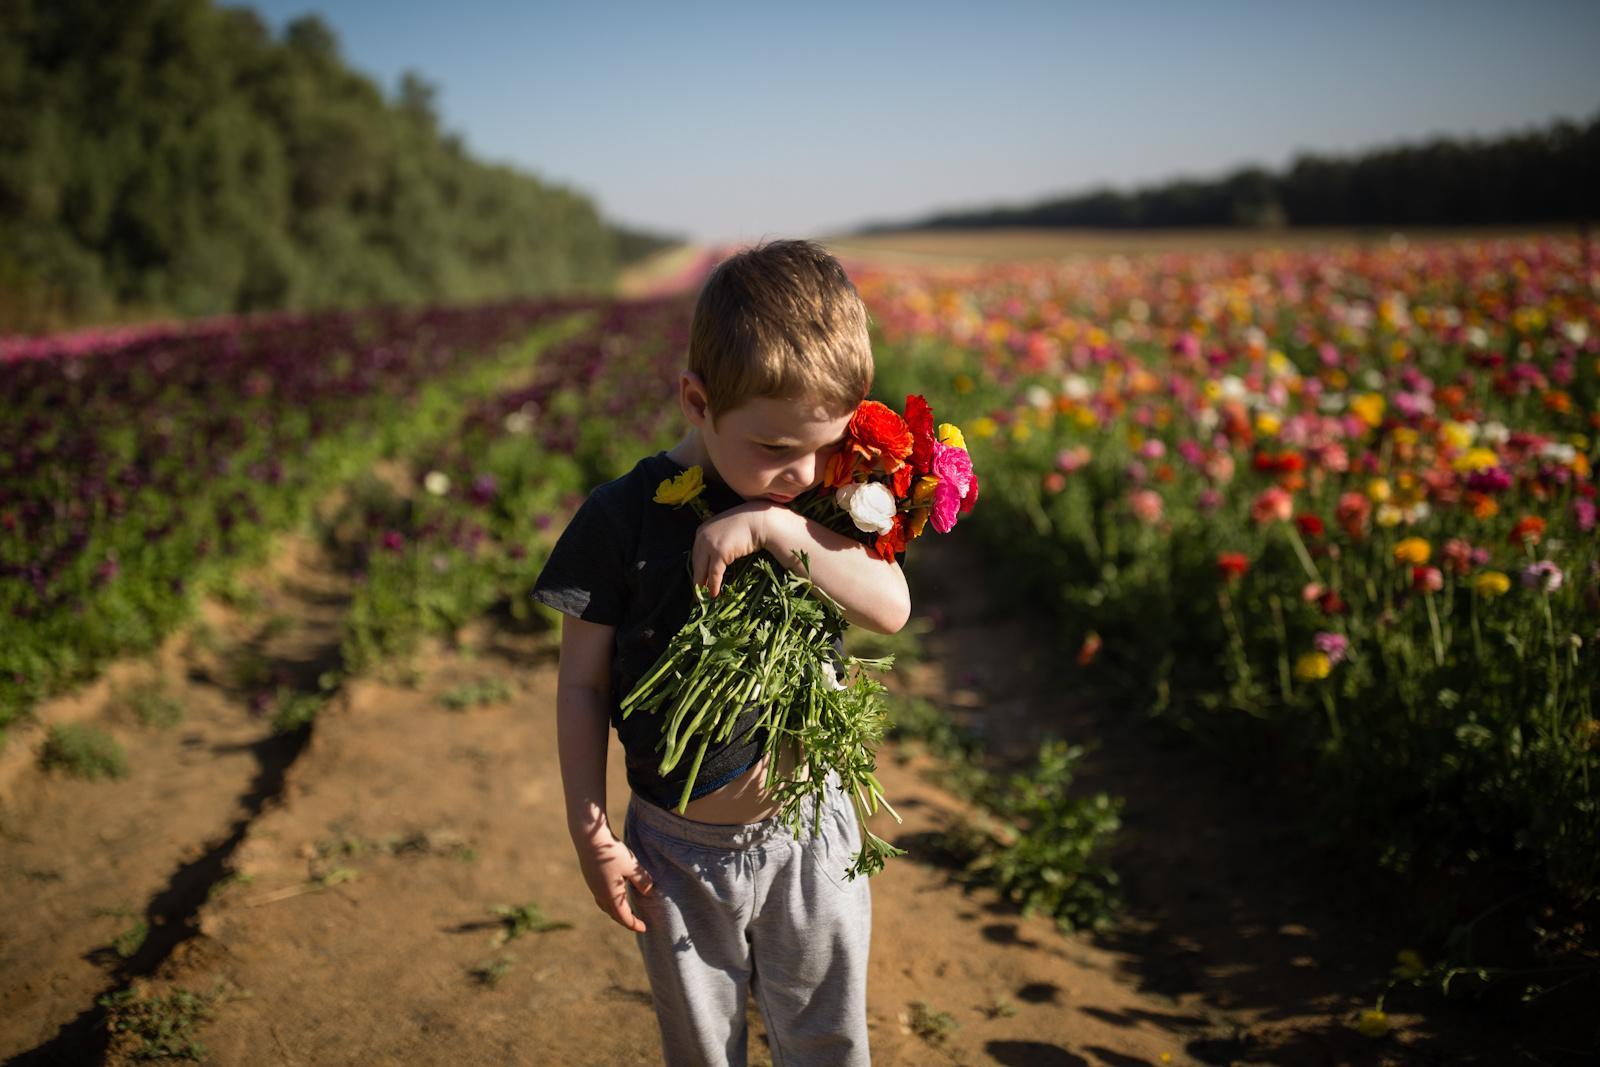 NIR YITZHAK, ISRAEL - APRIL 18, 2016: An Israeli boy hugs a bundle of flowers in a buttercup field near Kibbutz Nir Yitzhak in southern Israel, just outside the Gaza Strip April 18, 2016.